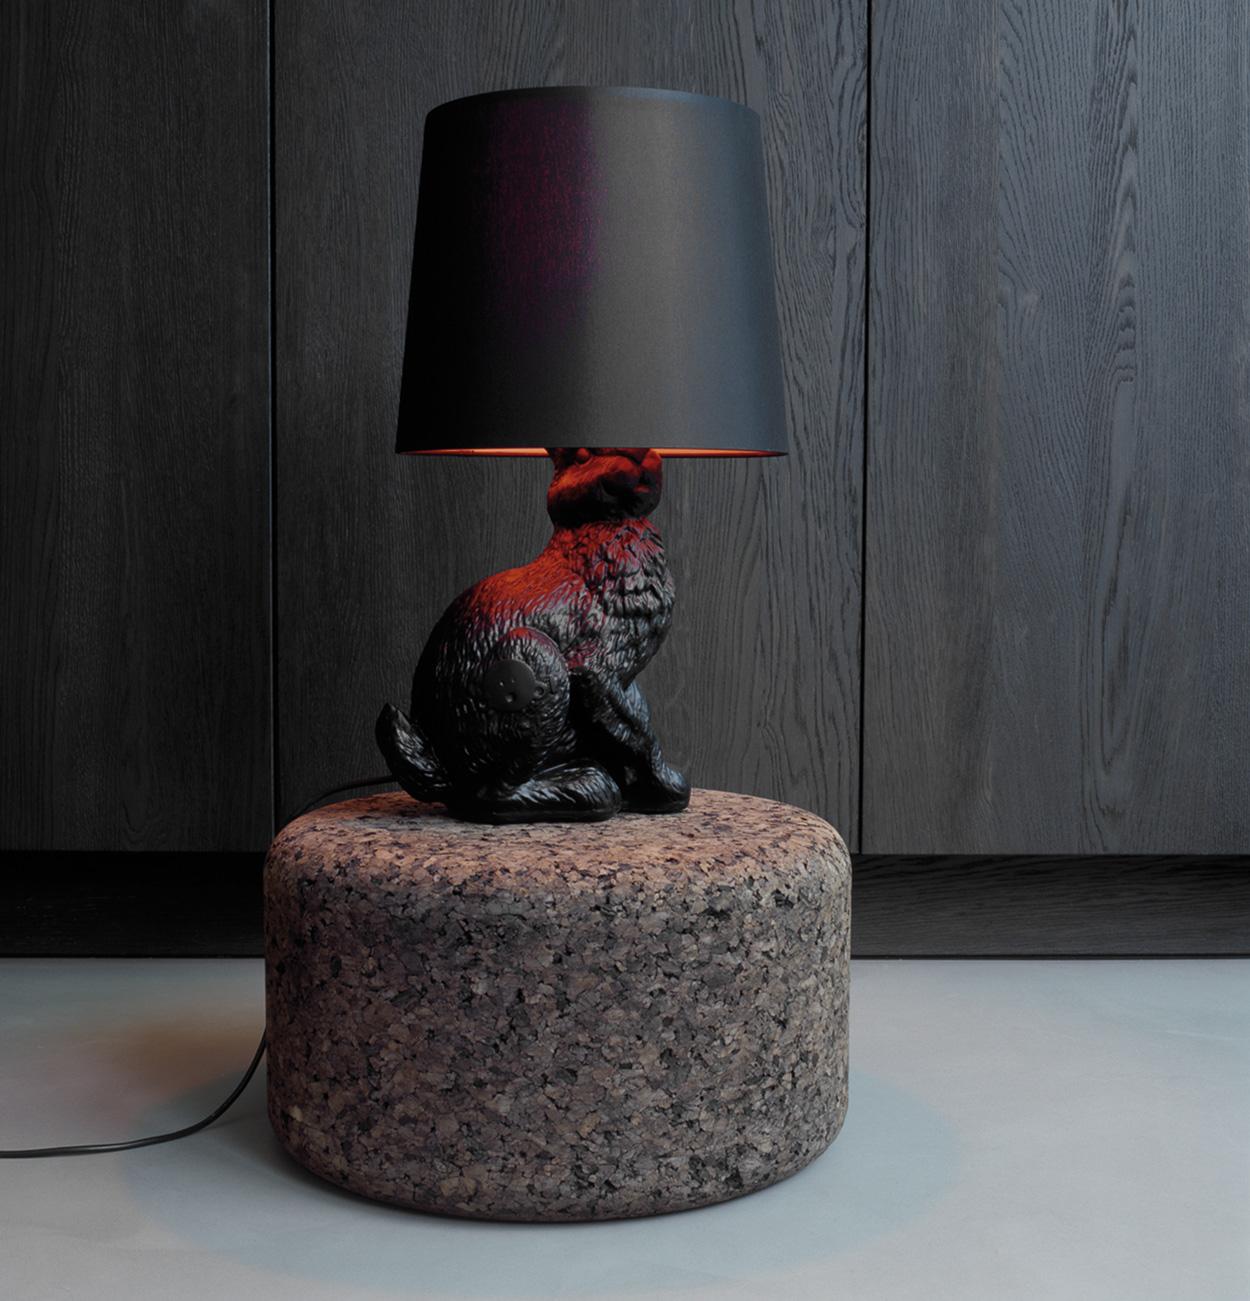 Maak je interieur gezellig met de Rabbit tafellamp op een mooi bijzettafeltje.